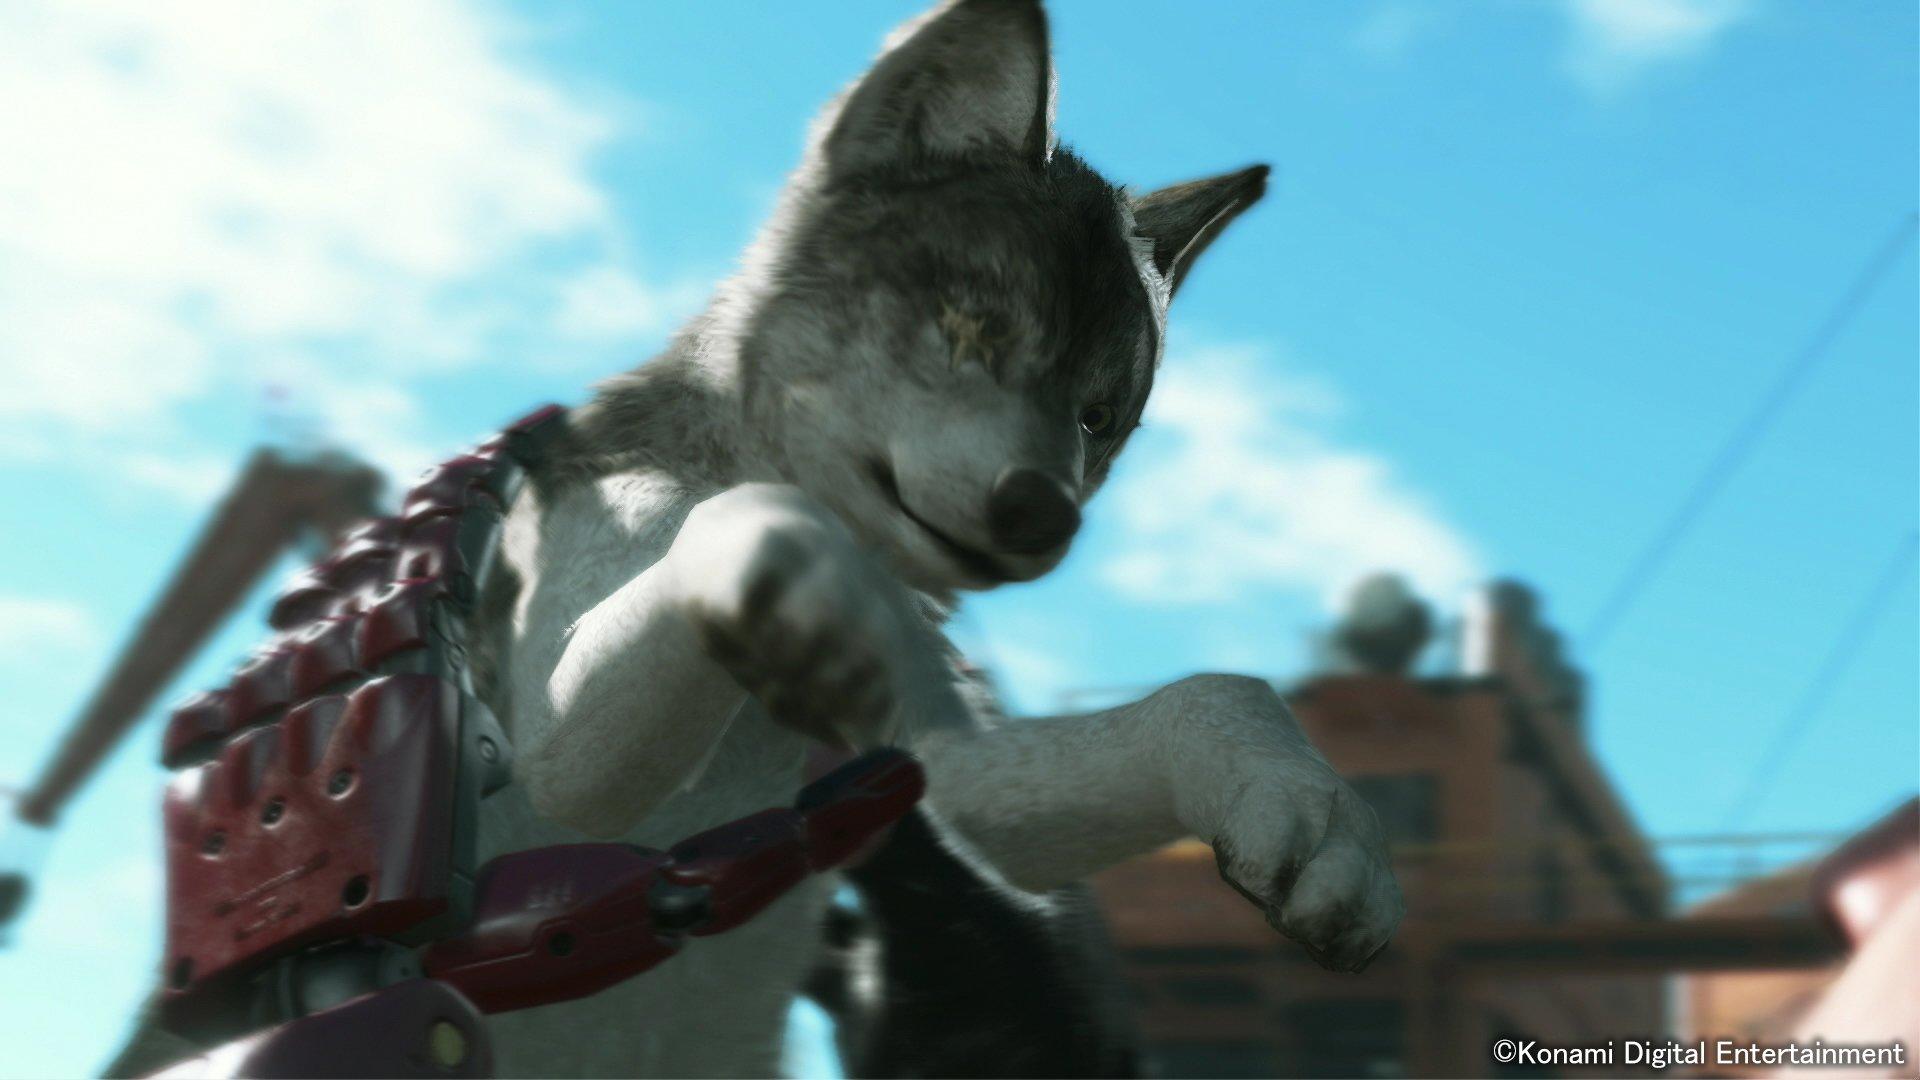 У Снейка ручной Волк! - Изображение 2